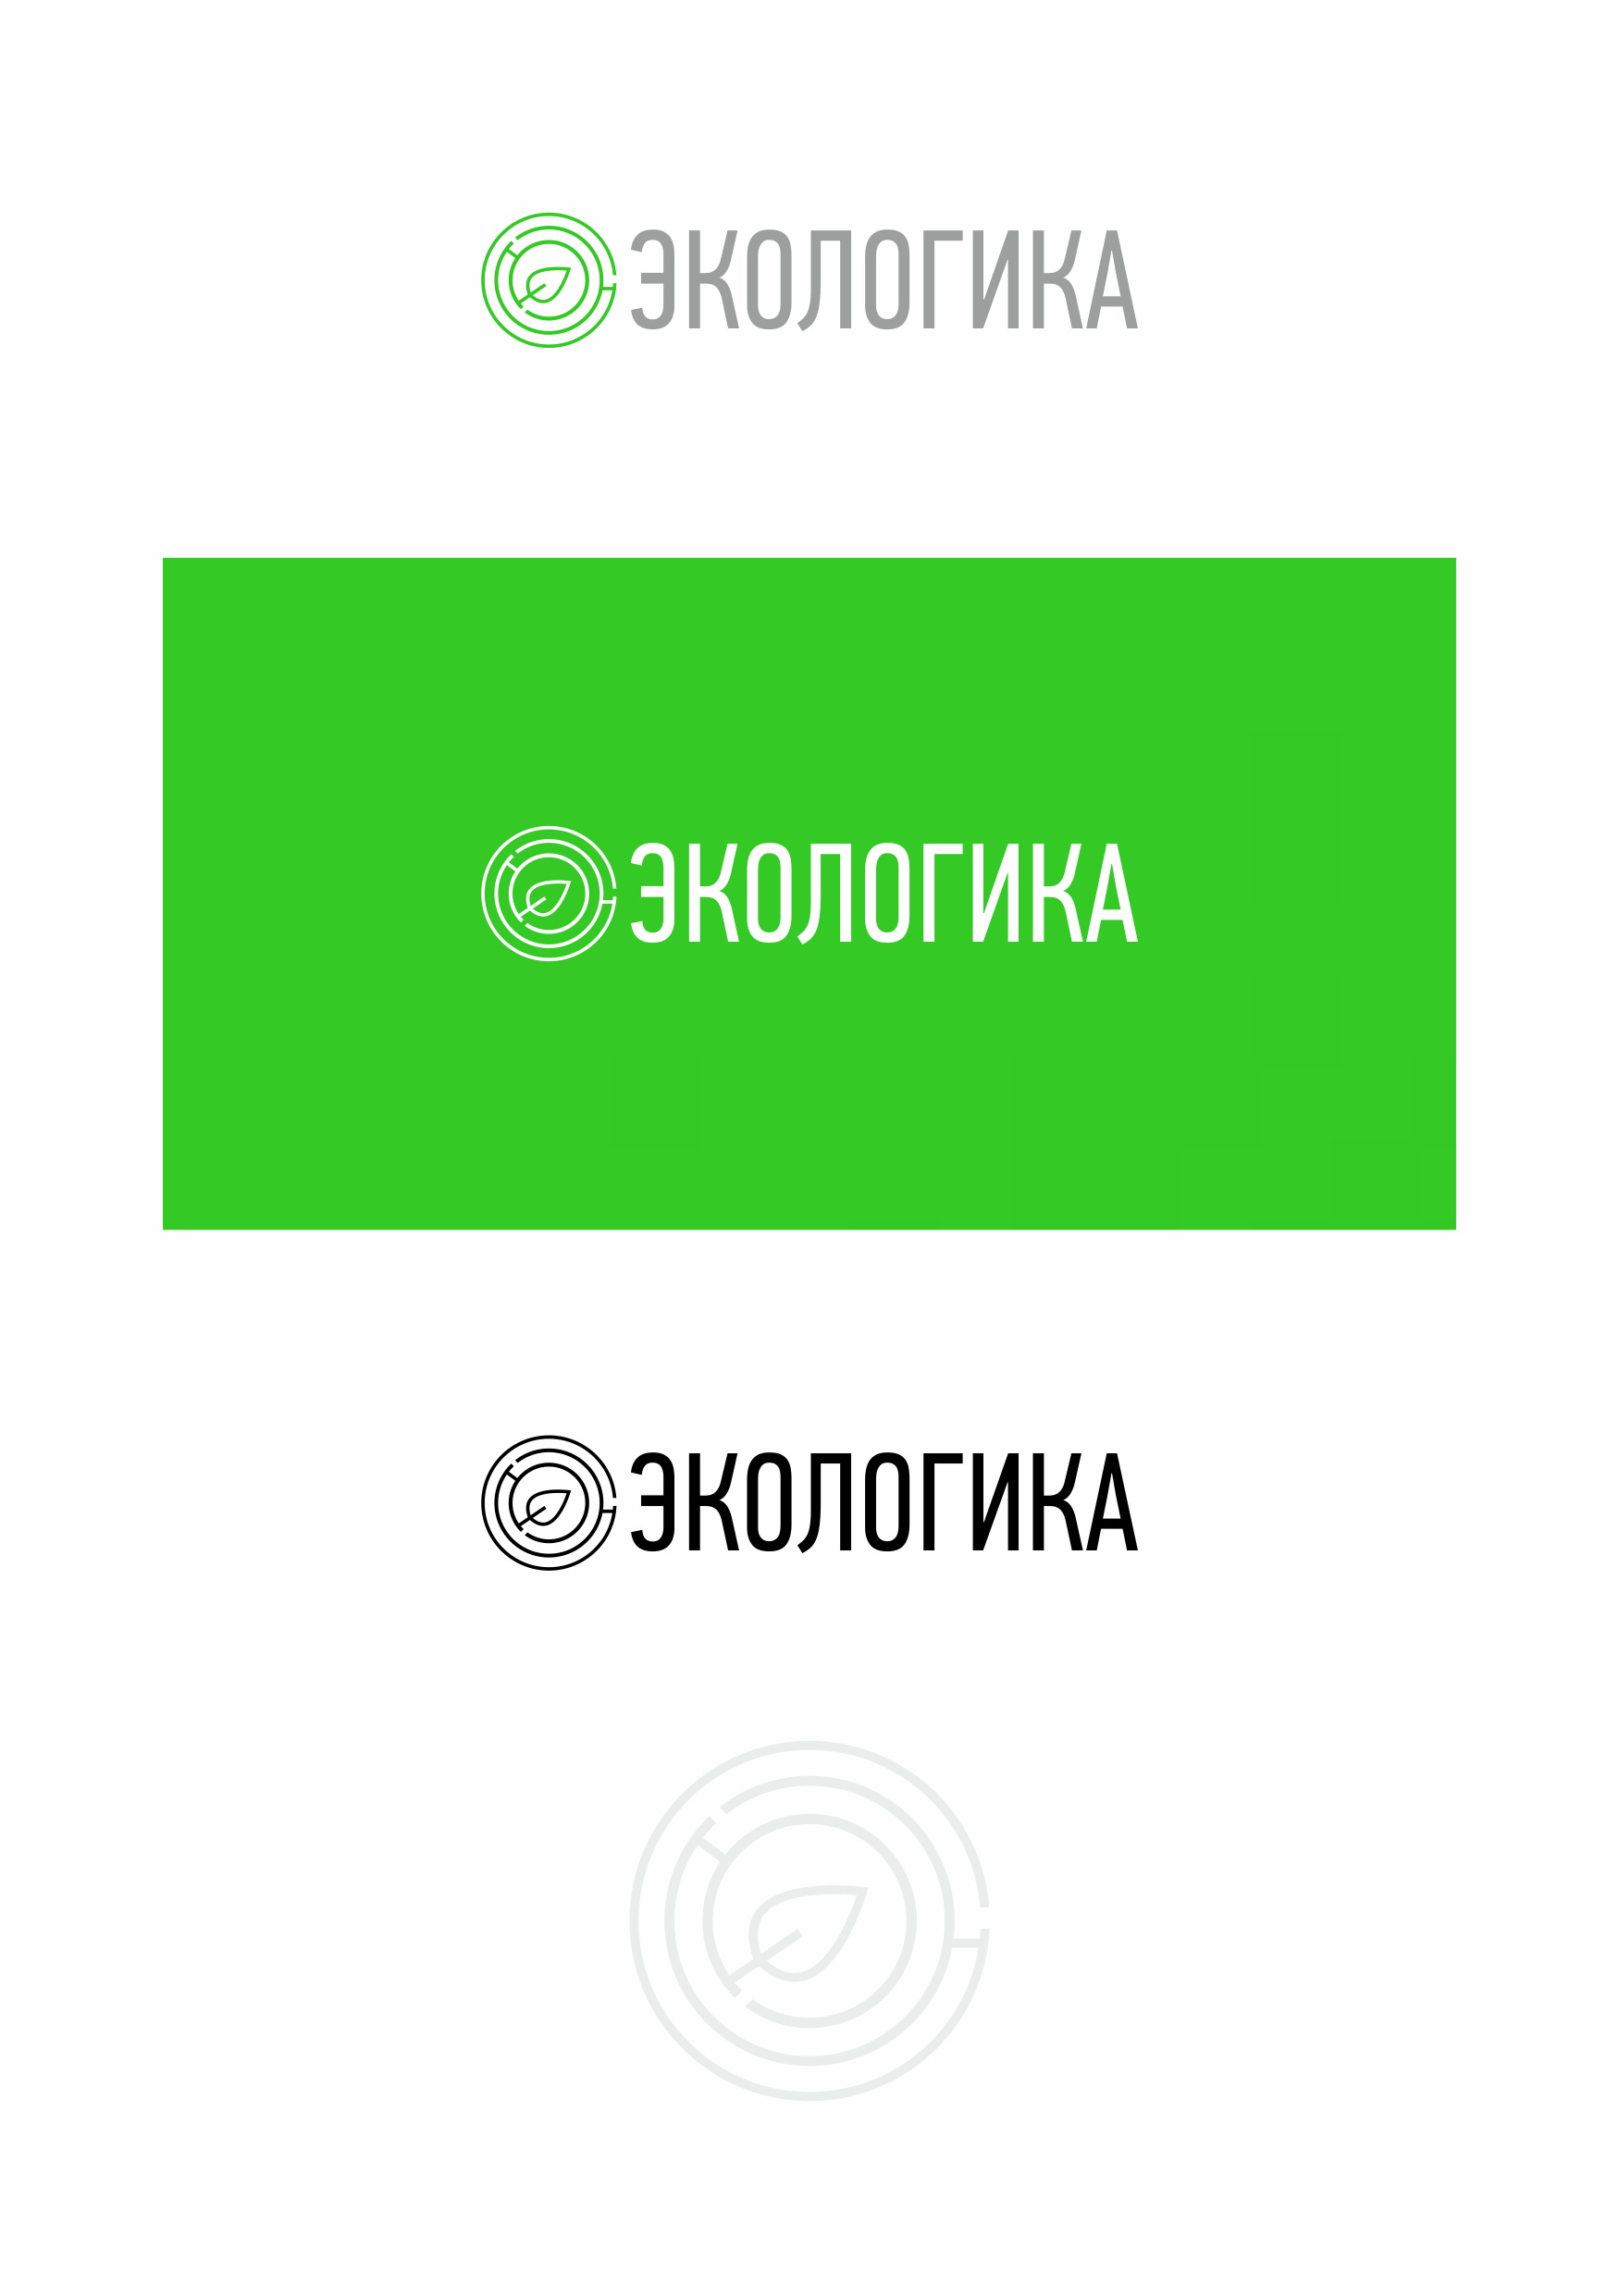 Логотип ЭКОЛОГИКА фото f_4525936d94edcc67.png